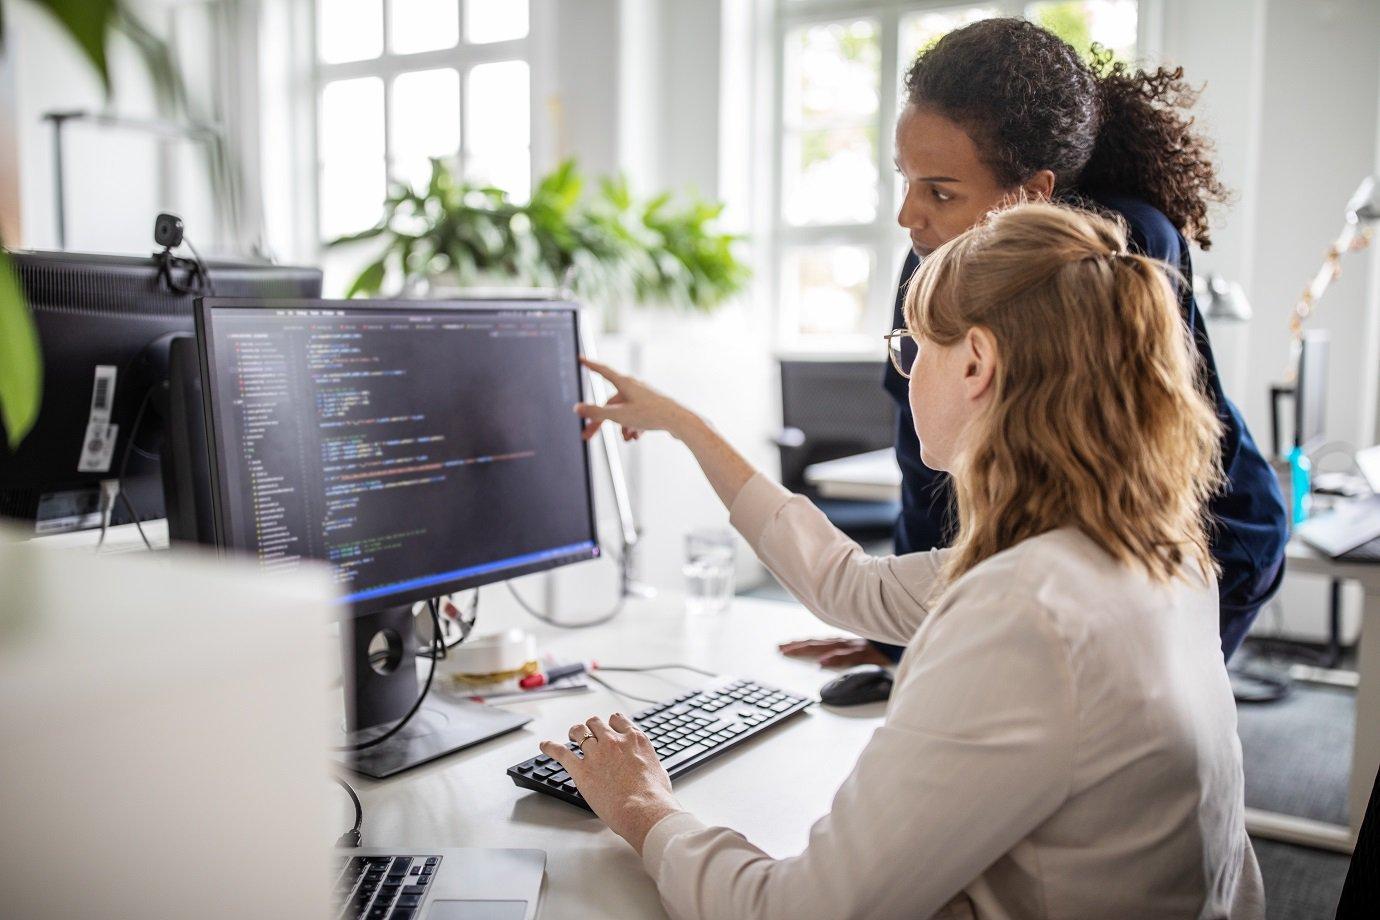 Mulheres ocupam só 20% das vagas em tech no Brasil, e empresas se unem para mudar